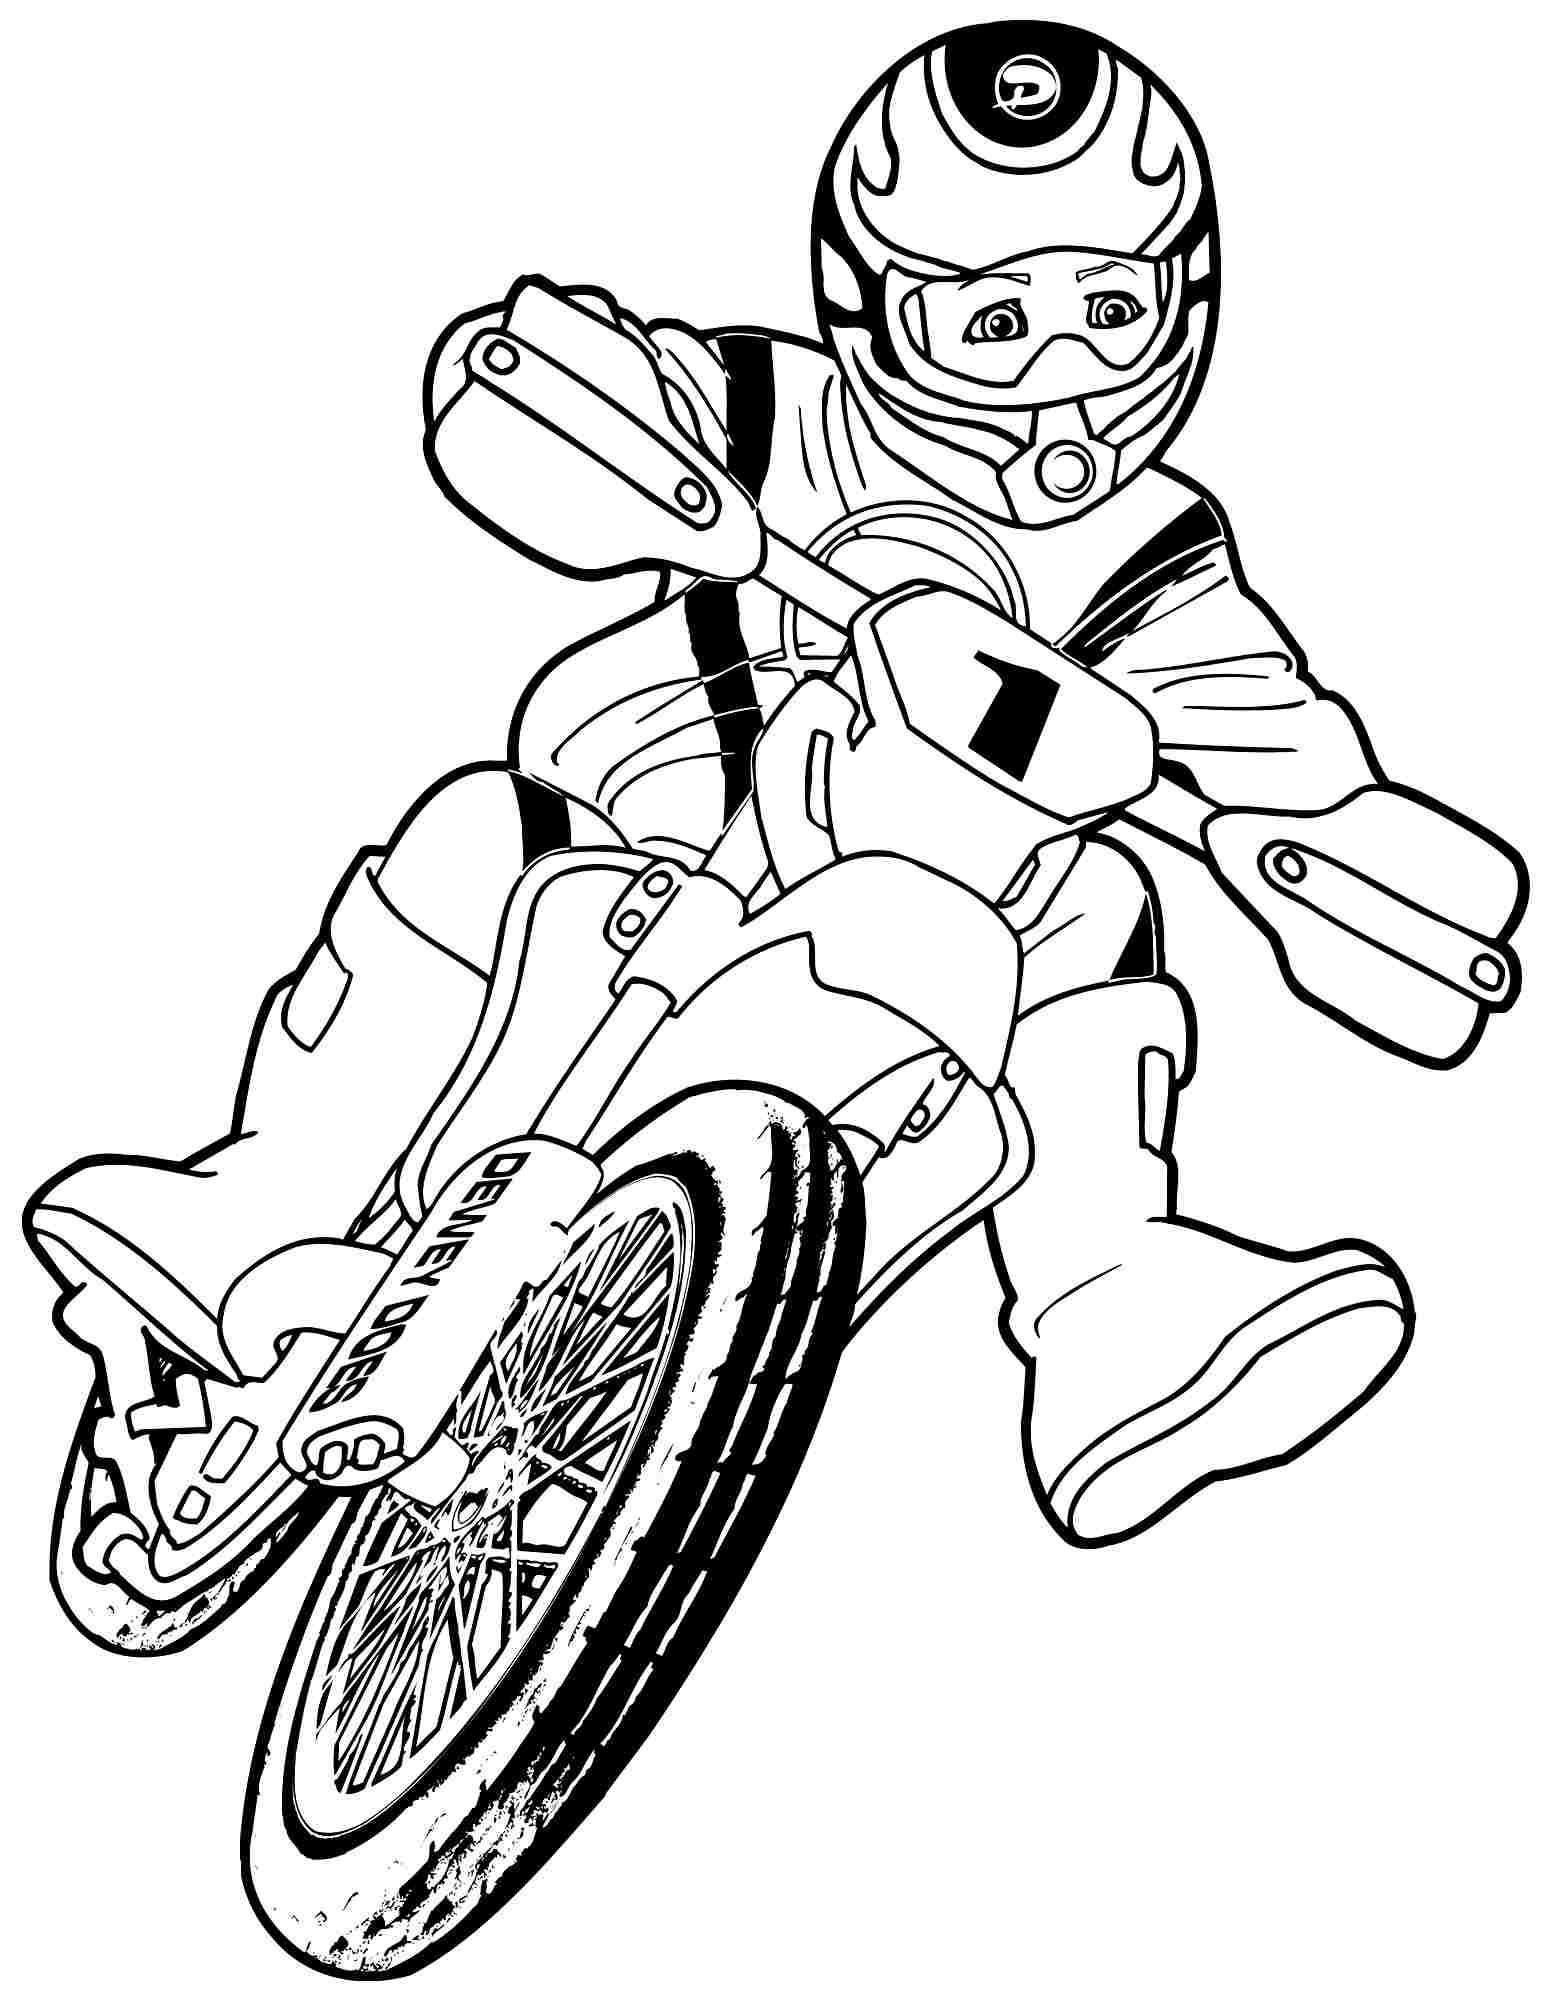 Moto coloring #2, Download drawings